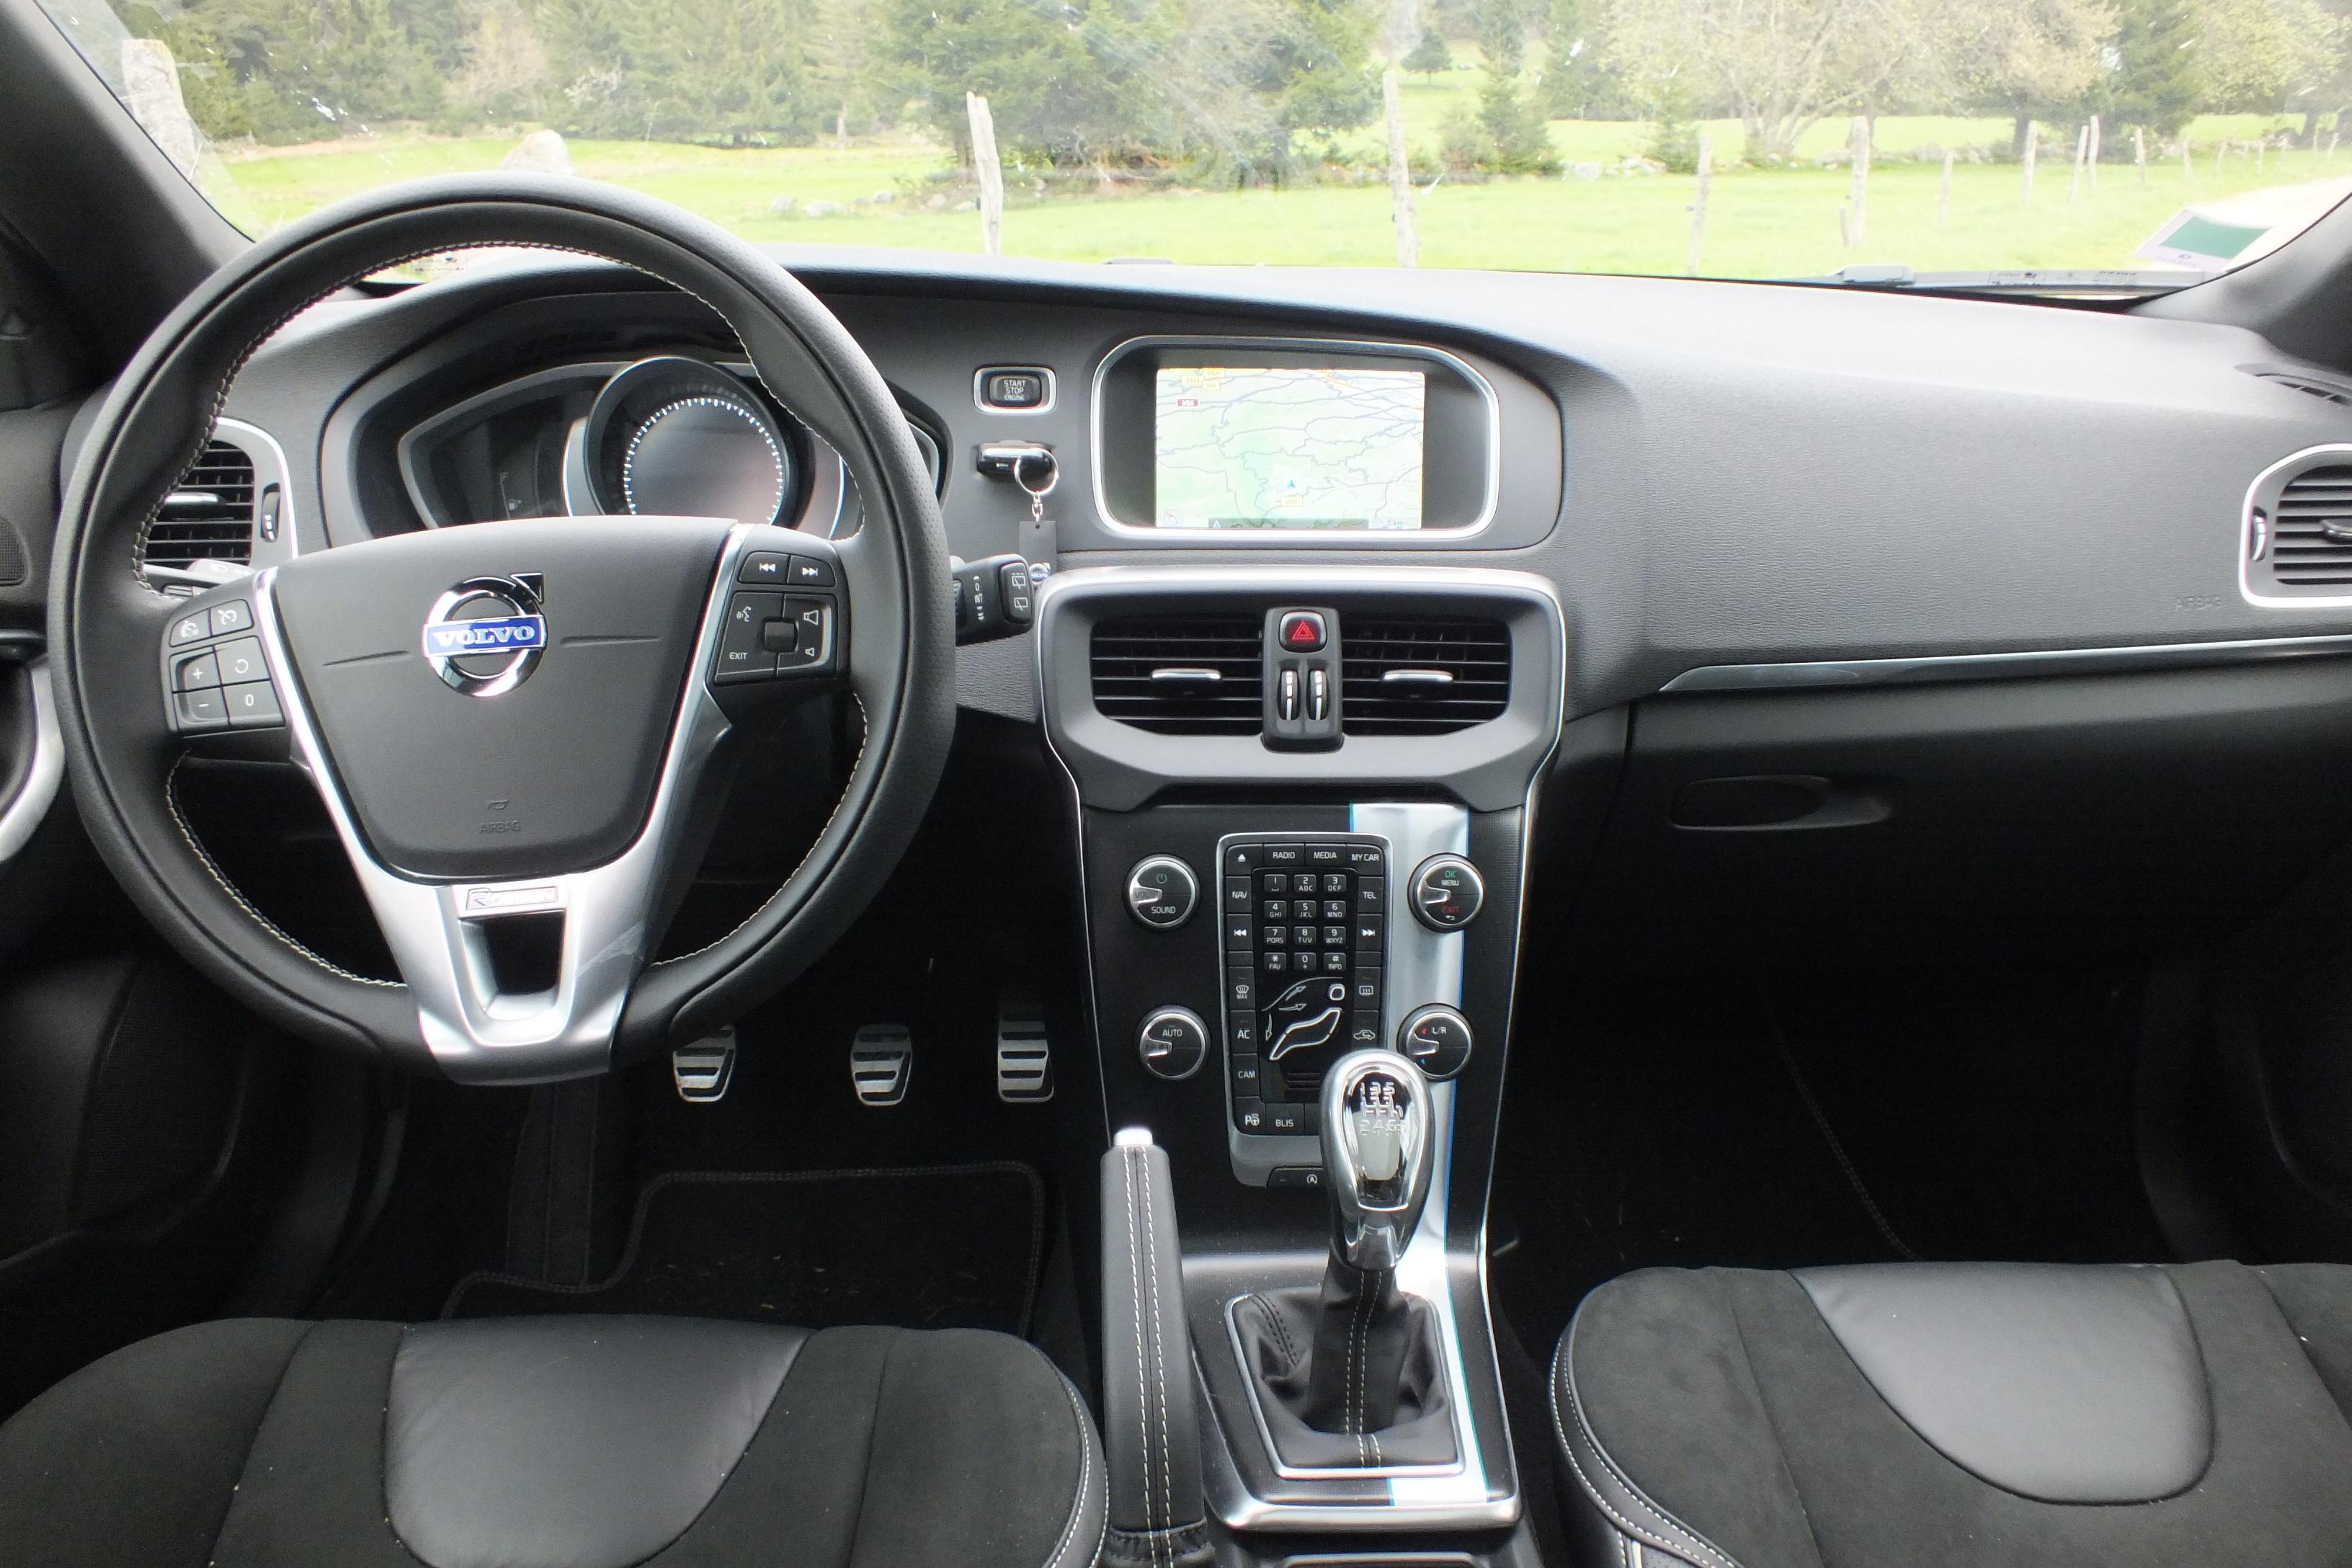 Emejing Volvo V40 R Design Interieur Images - Trend Ideas 2018 ...